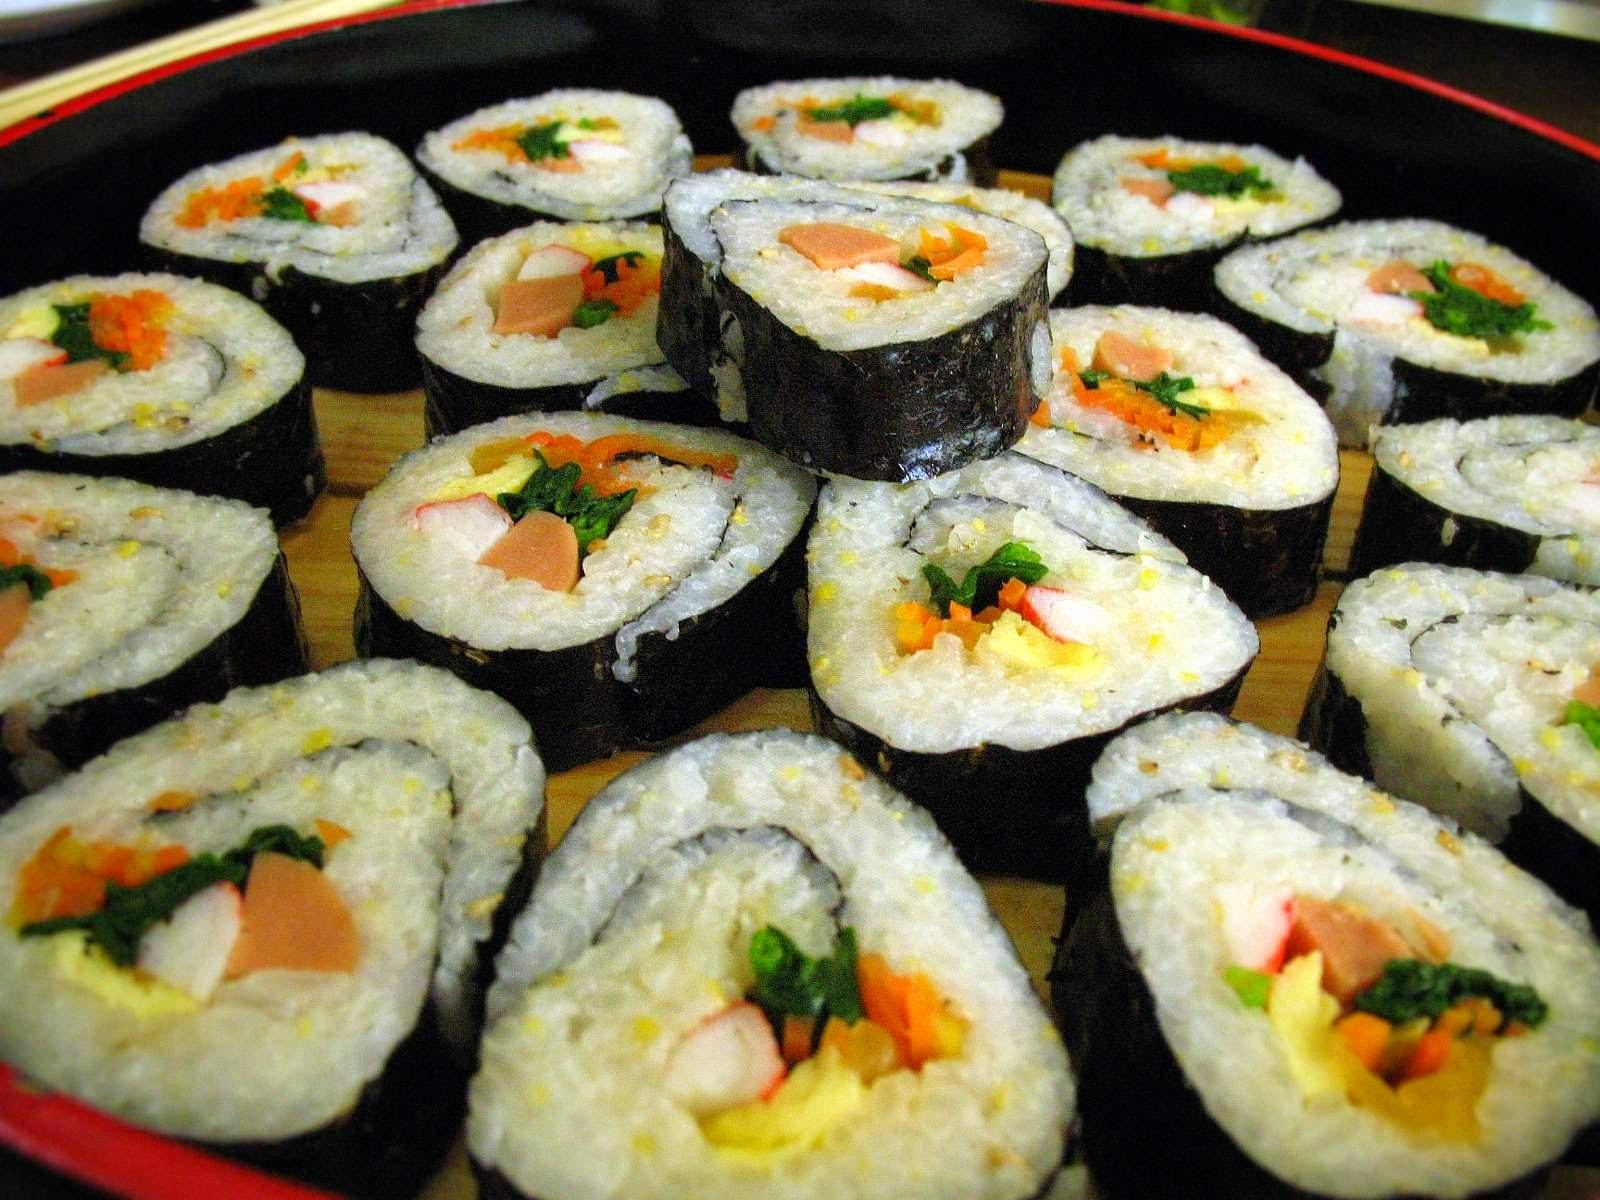 Resep Membuat Sushi Sederhana Ala Indonesia Enak